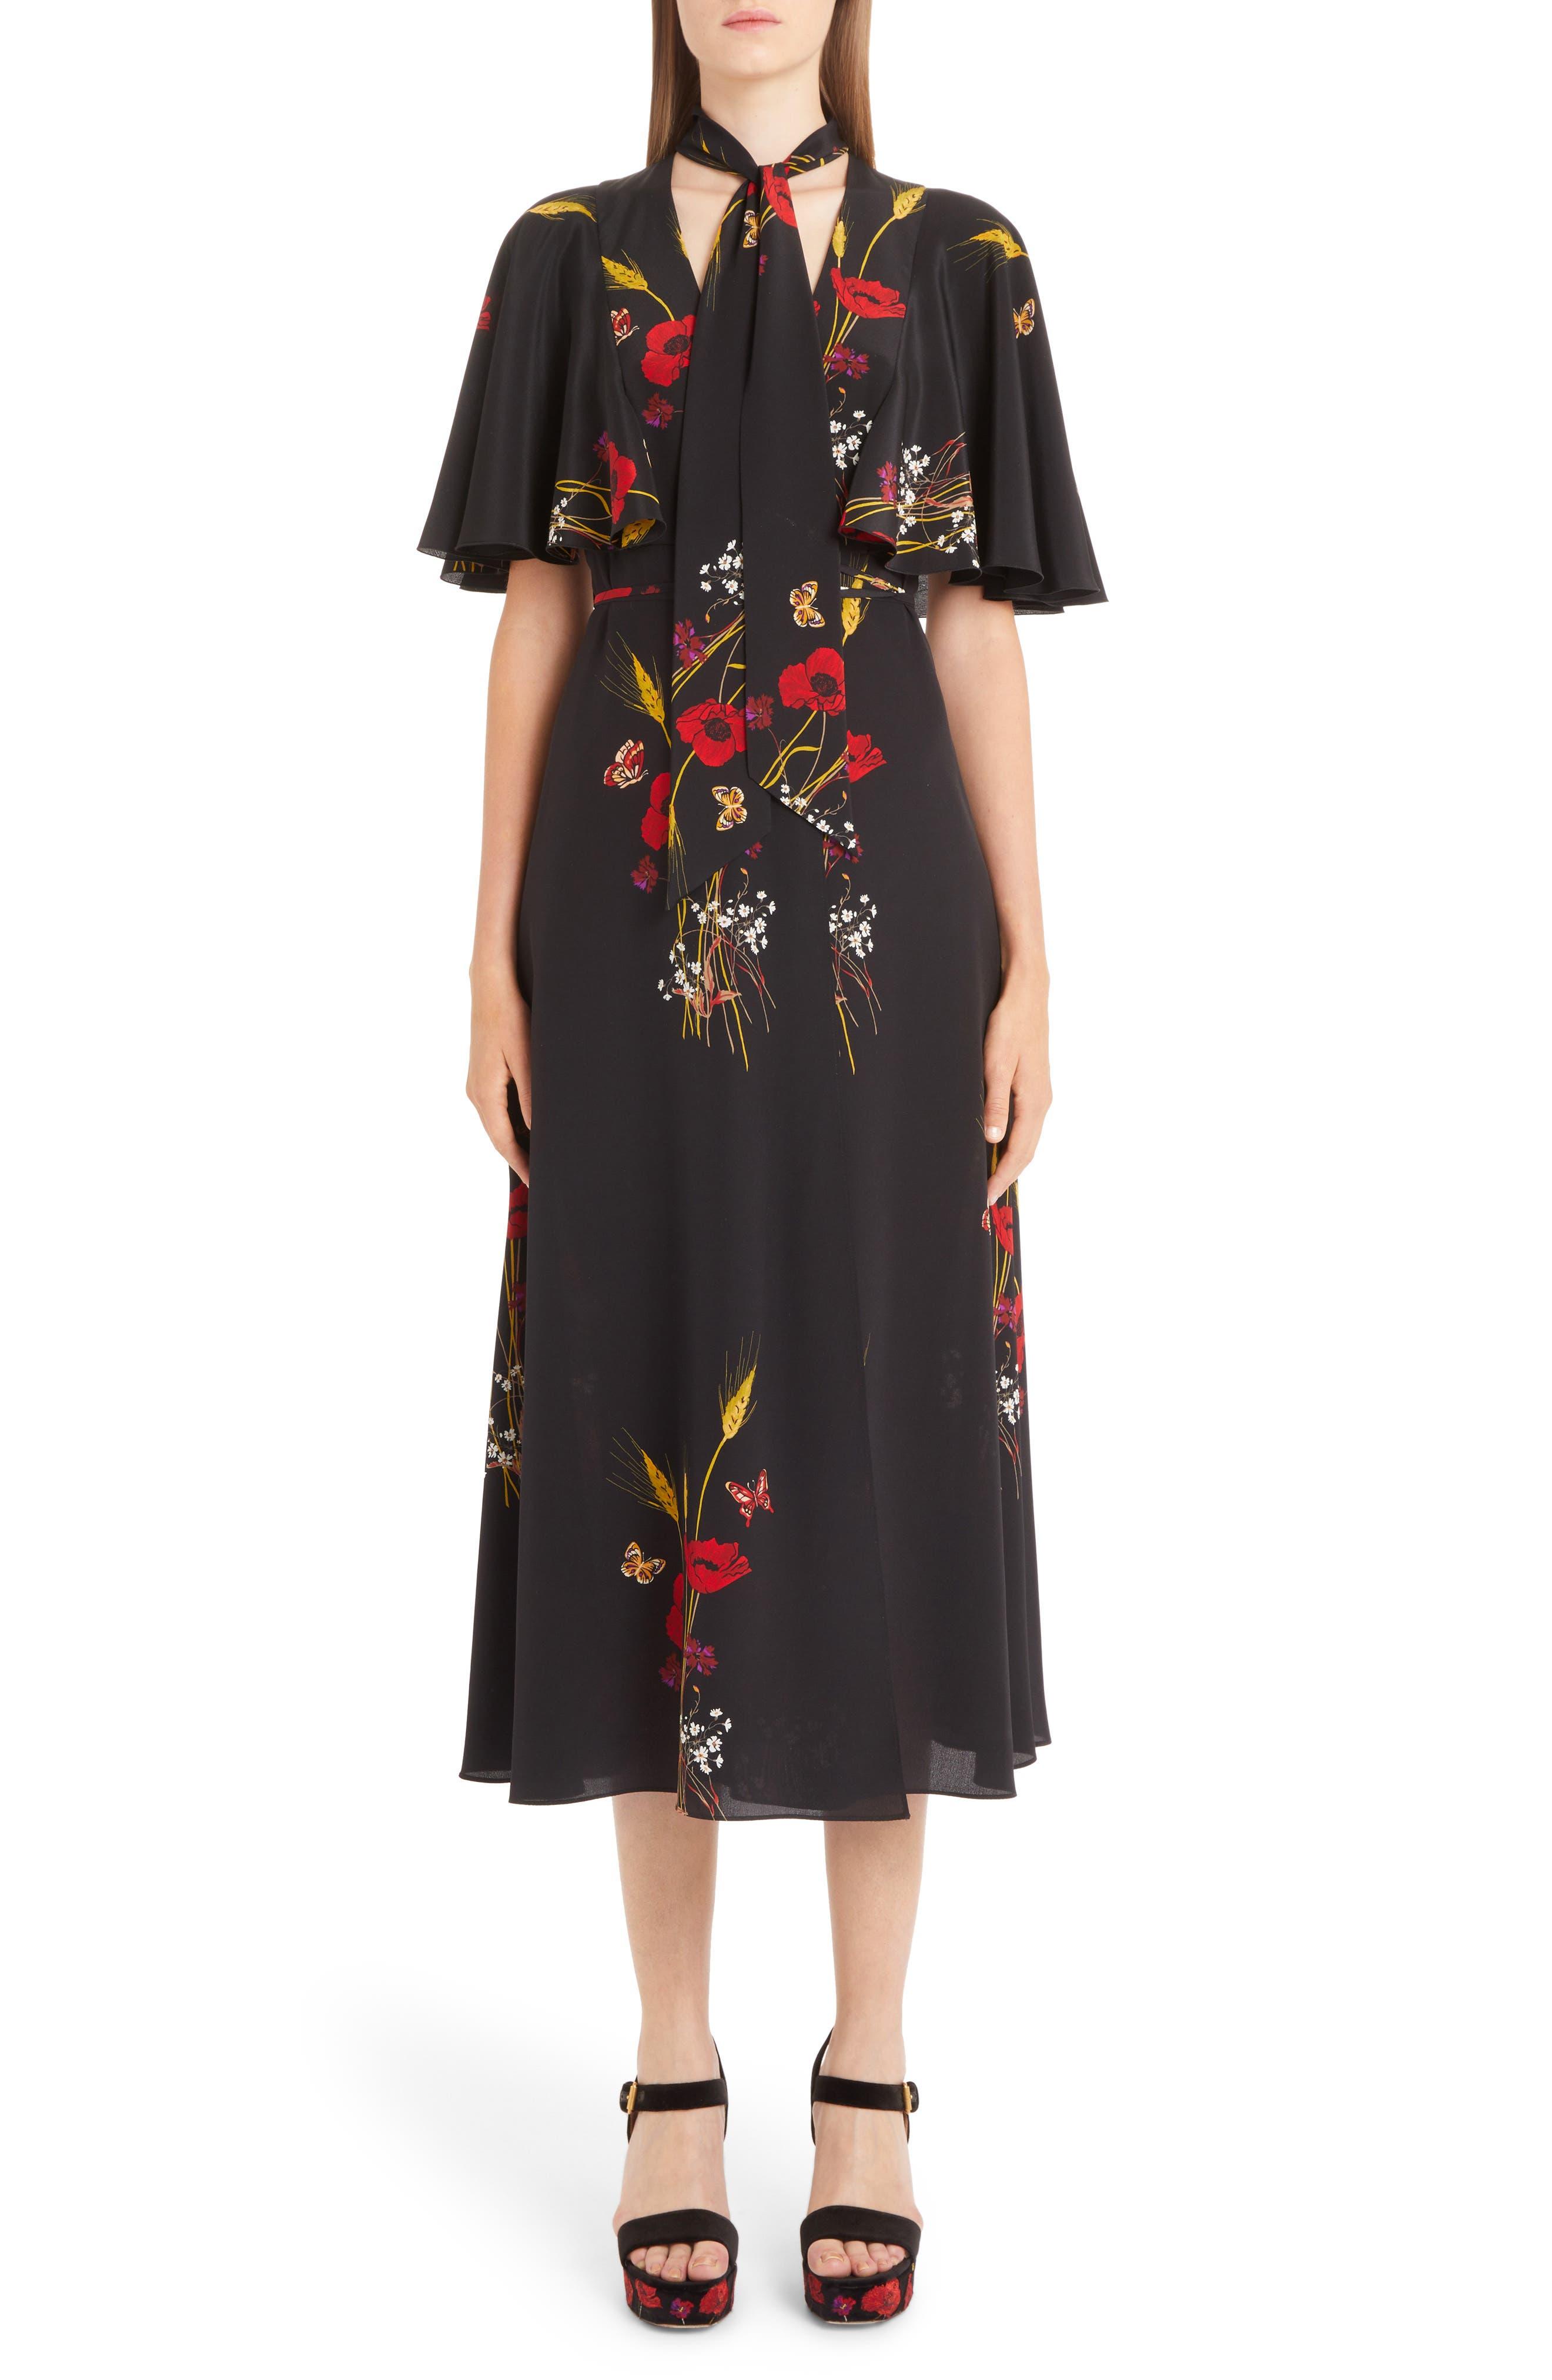 Valentino Floral Meadow Print Crepe De Chine Faux Wrap Dress, Black